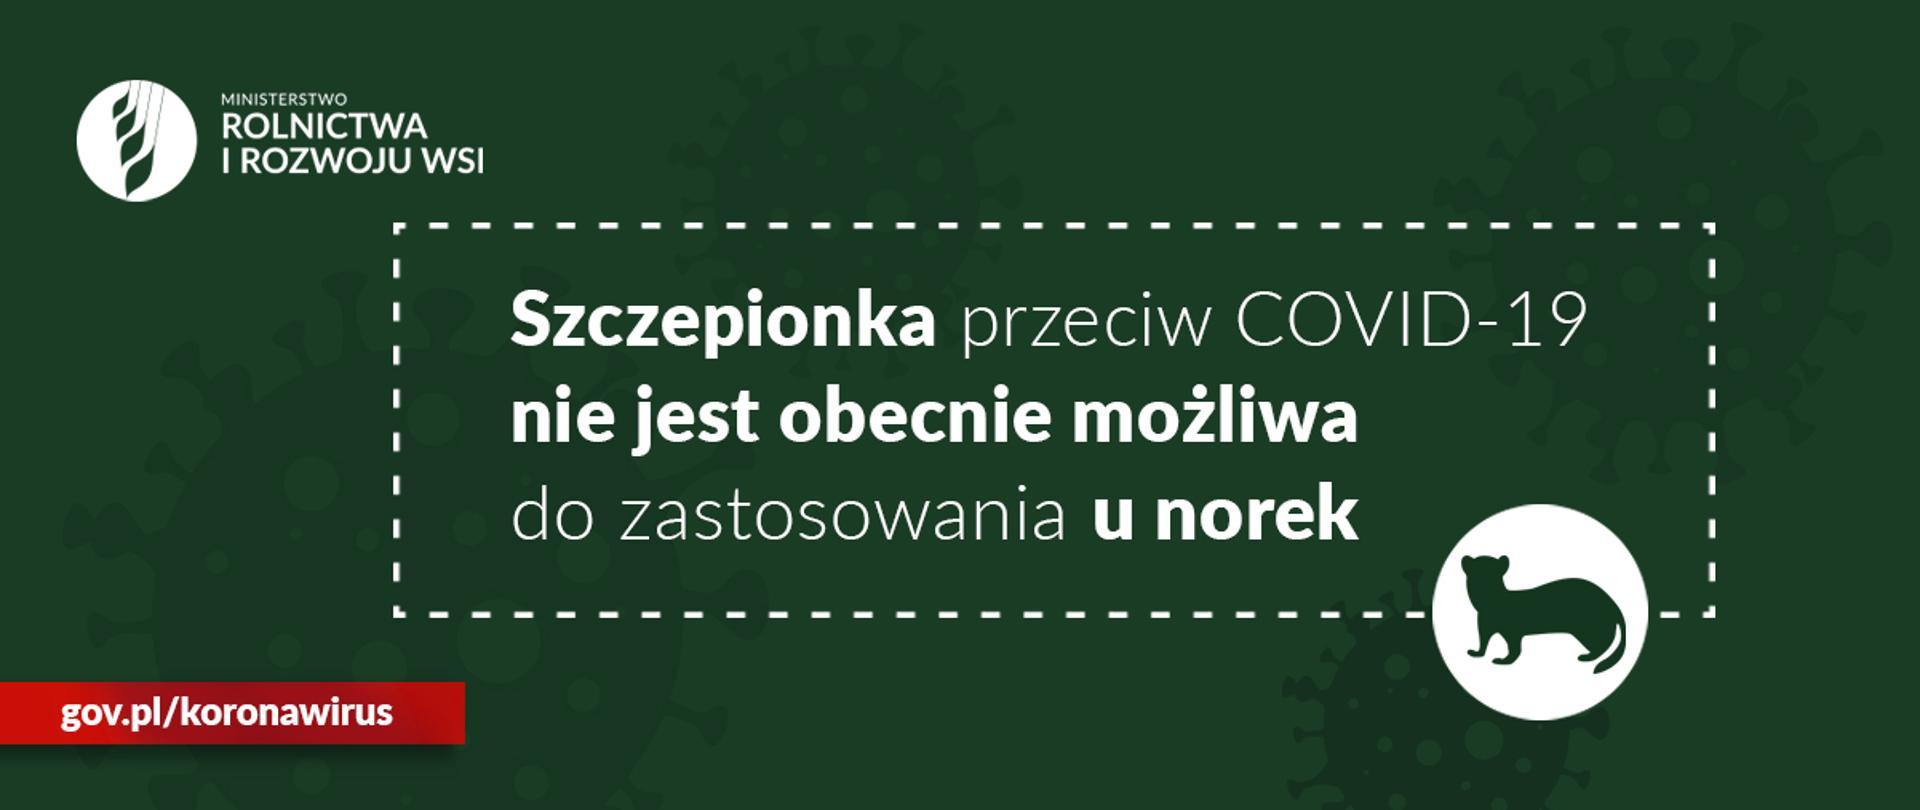 """grafika do komunikatu """"Odpowiedź na doniesienia medialne ws. szczepionek dla norek przeciw COVID-19"""" Norka i logo MRiRW na zielonym tle."""